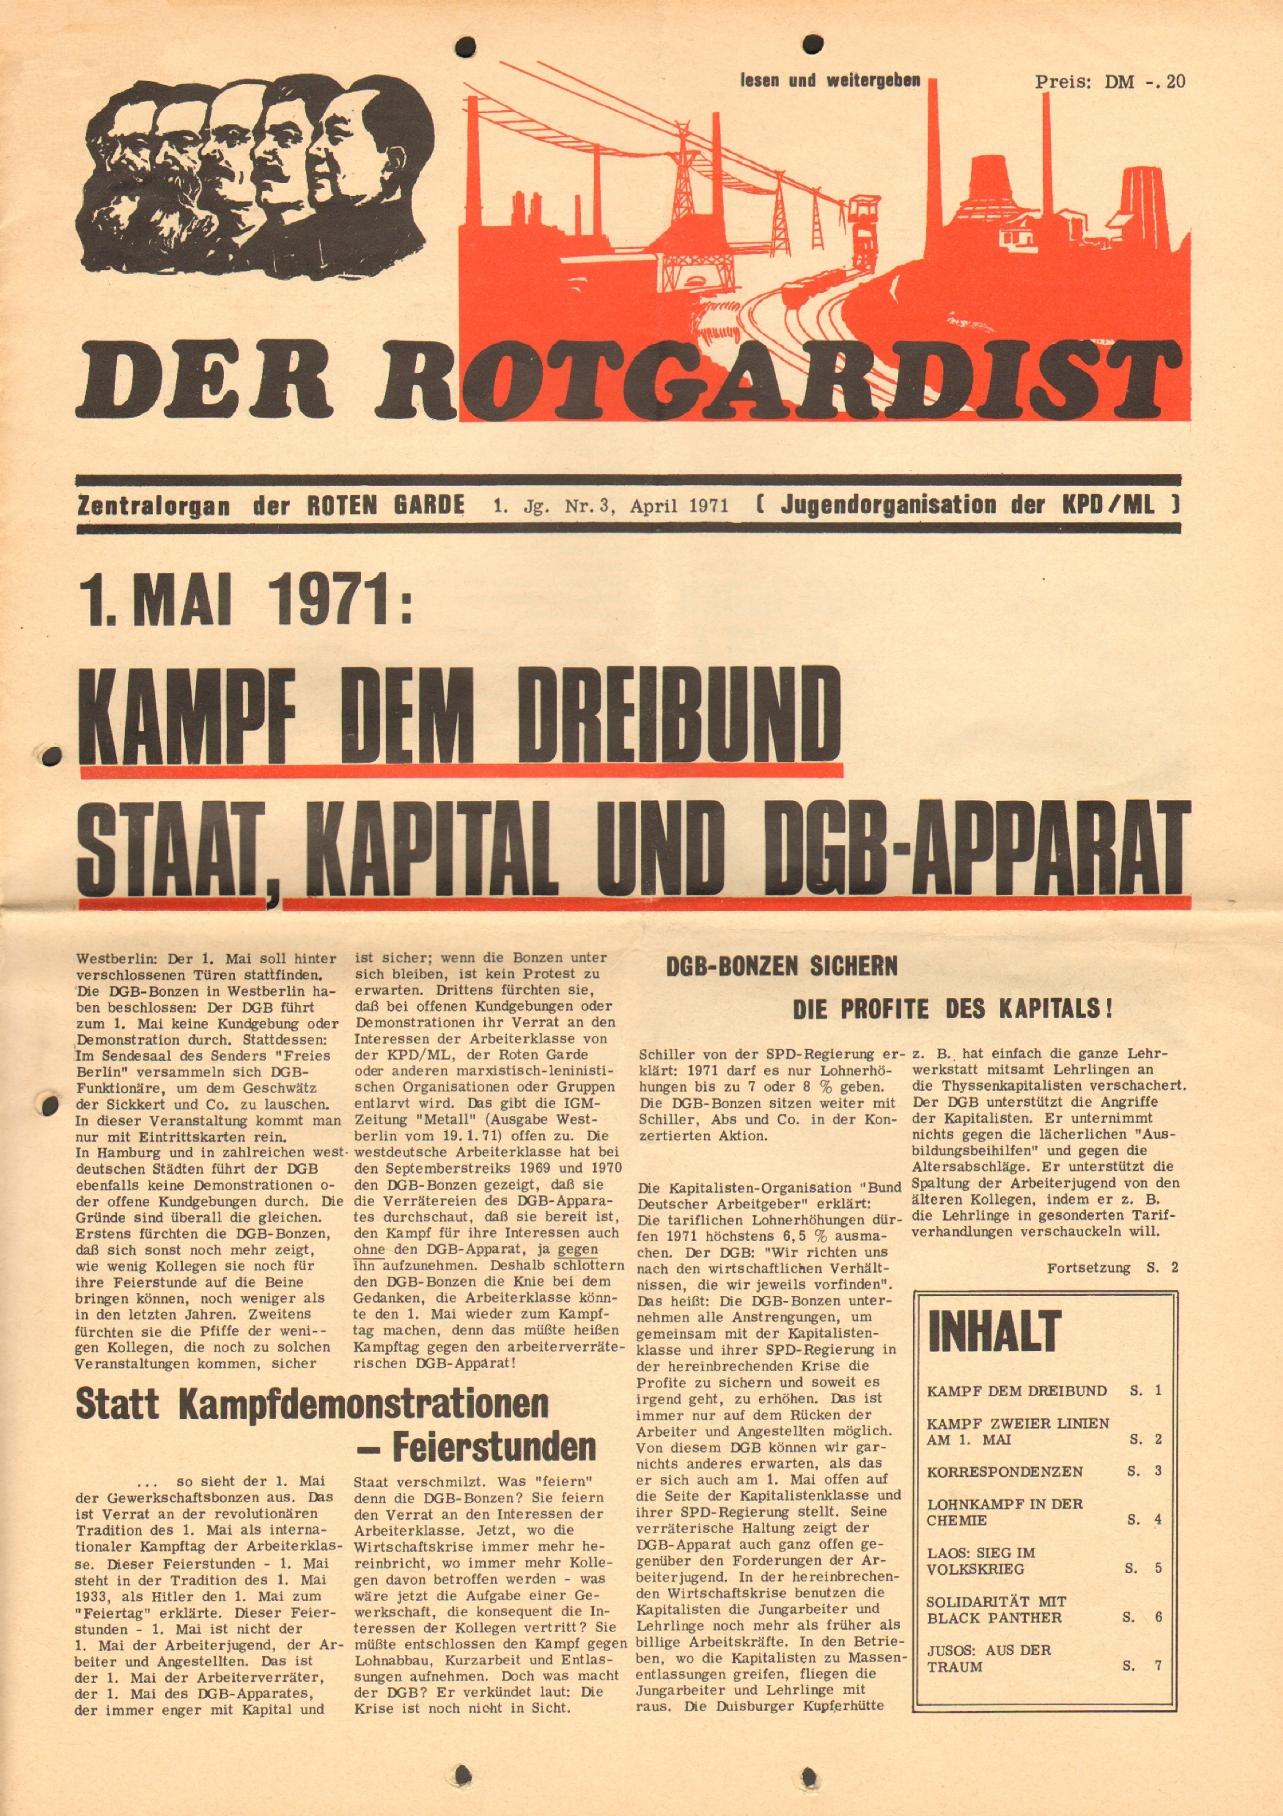 RG_Der_Rotgardist_1971_03_01